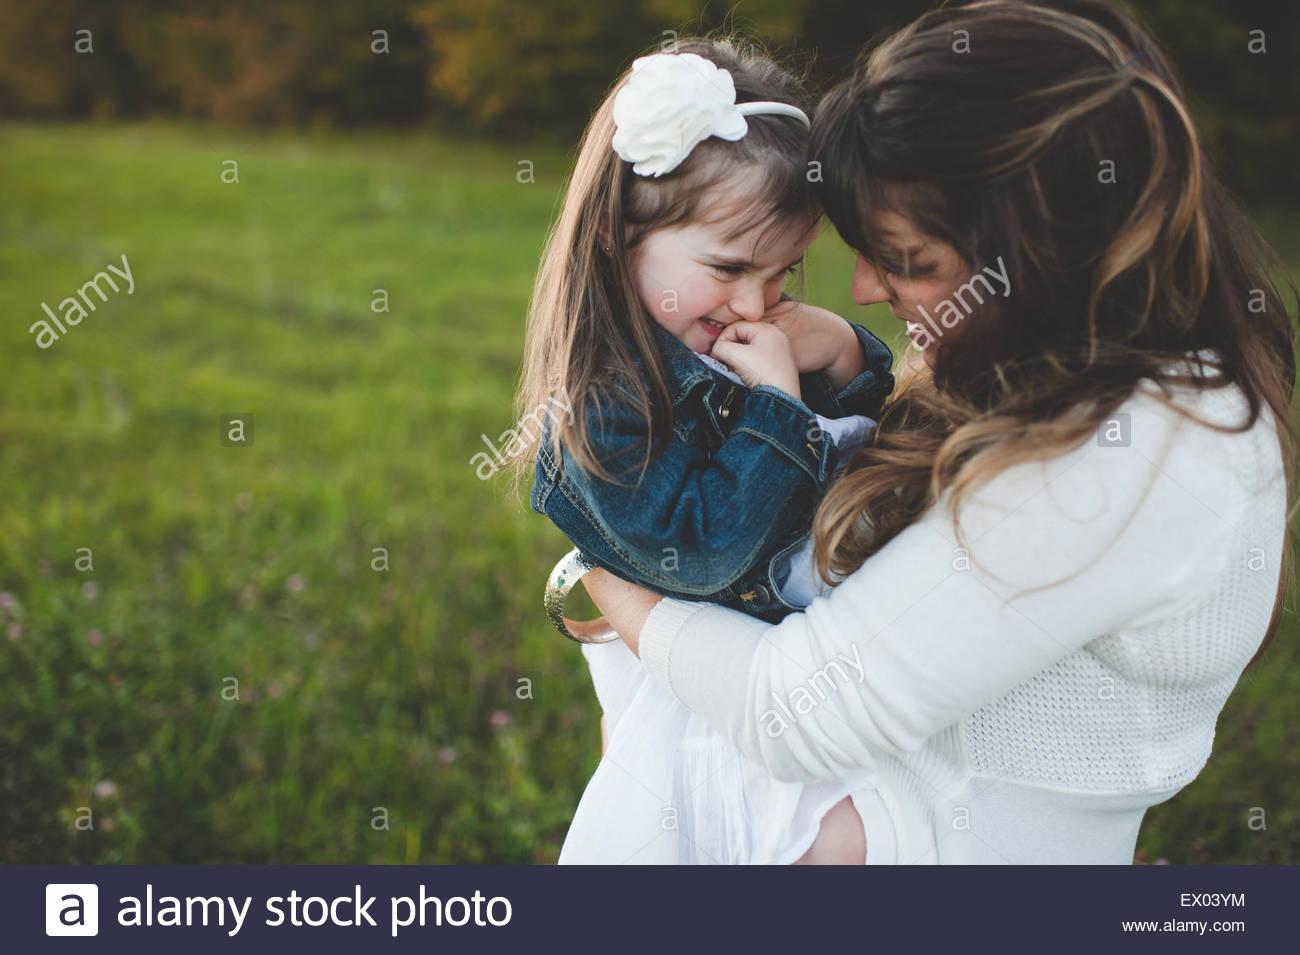 Mutter halten junge Tochter, im freien Stockbild